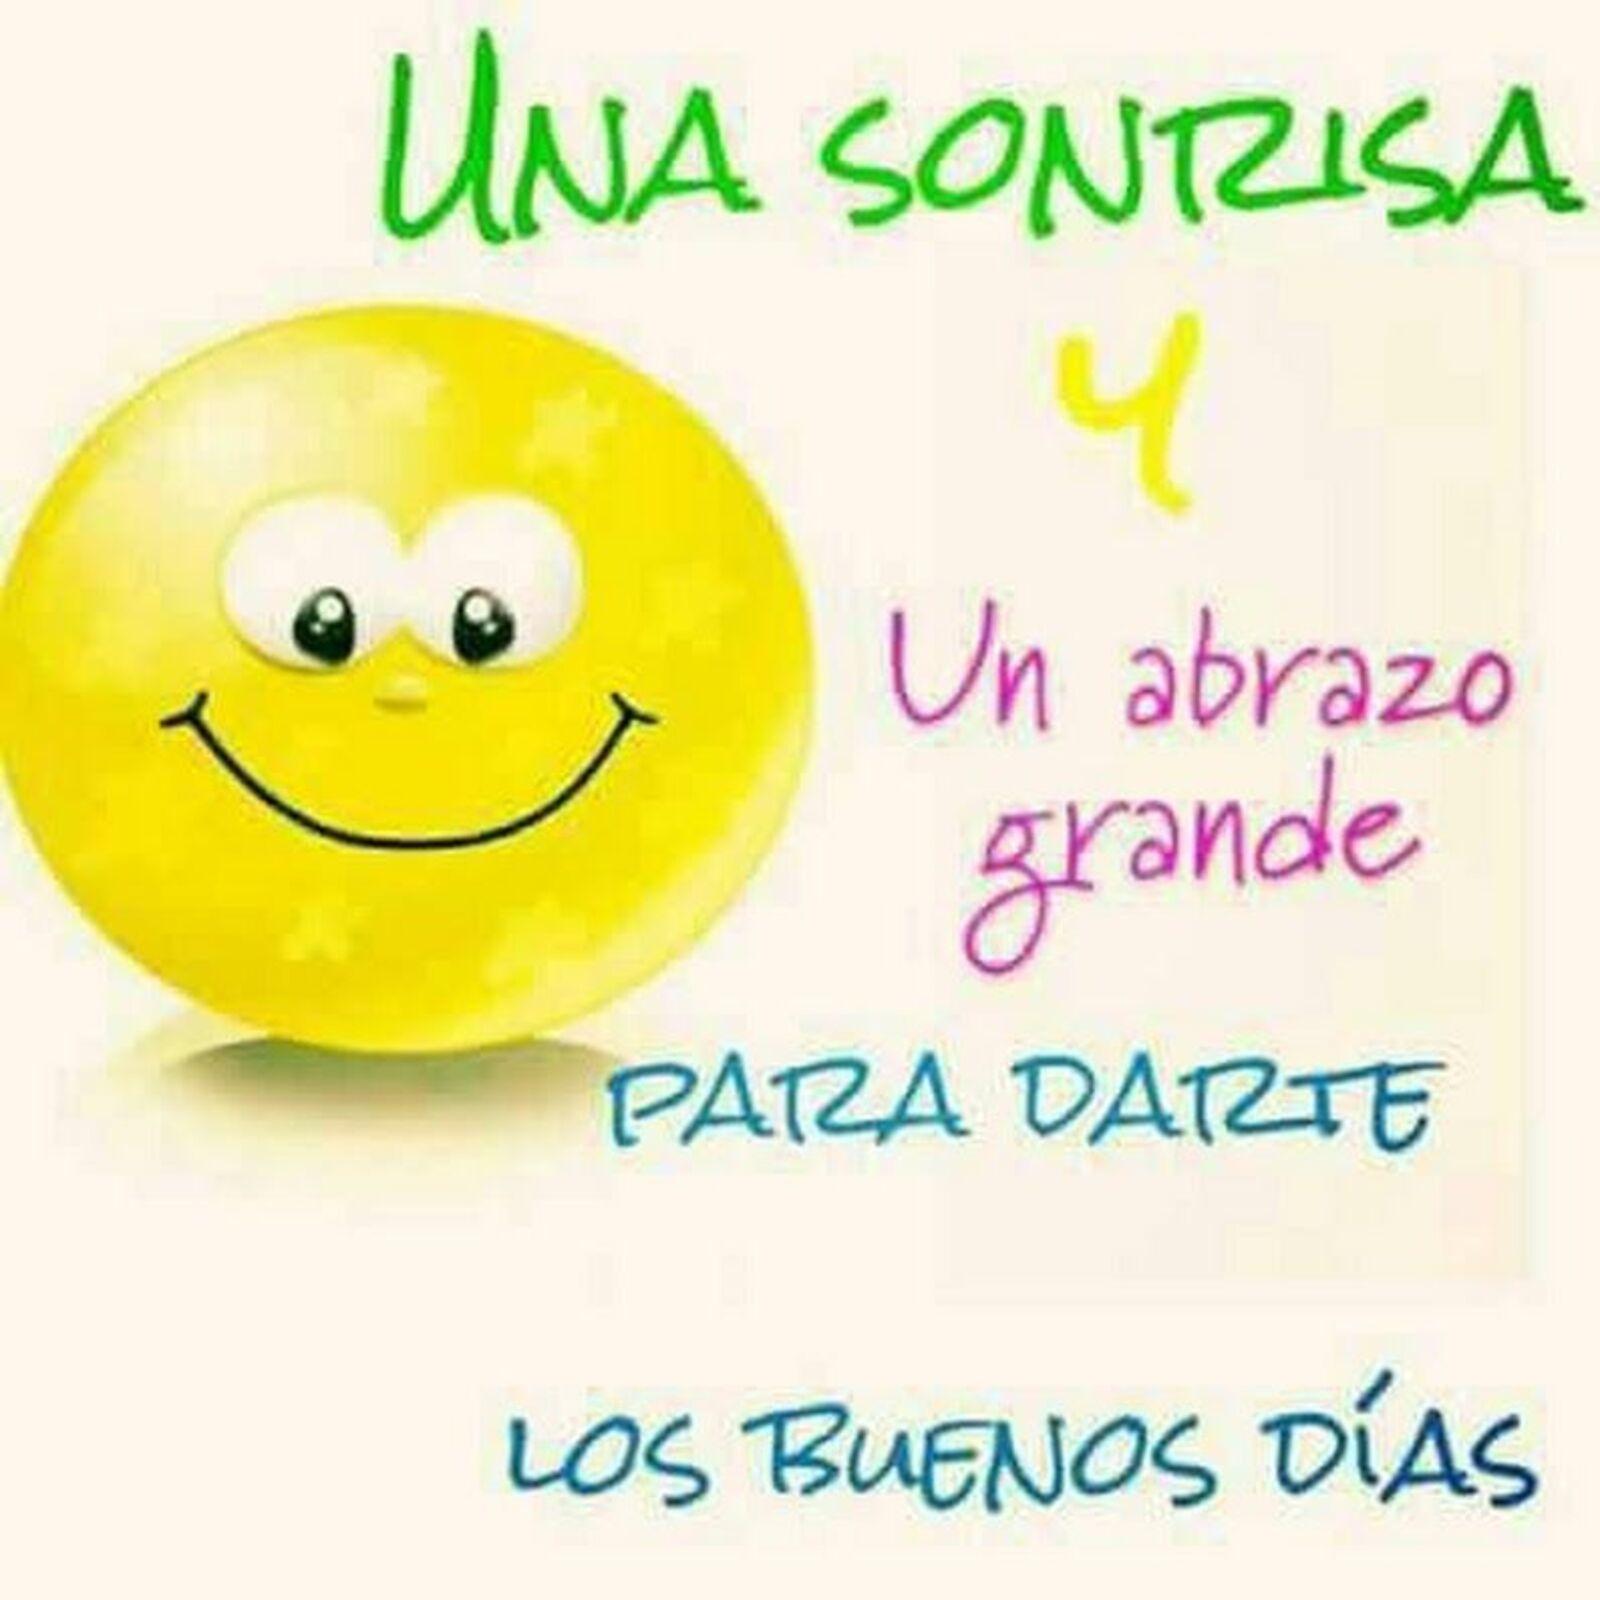 Una sonrisa y un abrazo grande para darte los buenos días